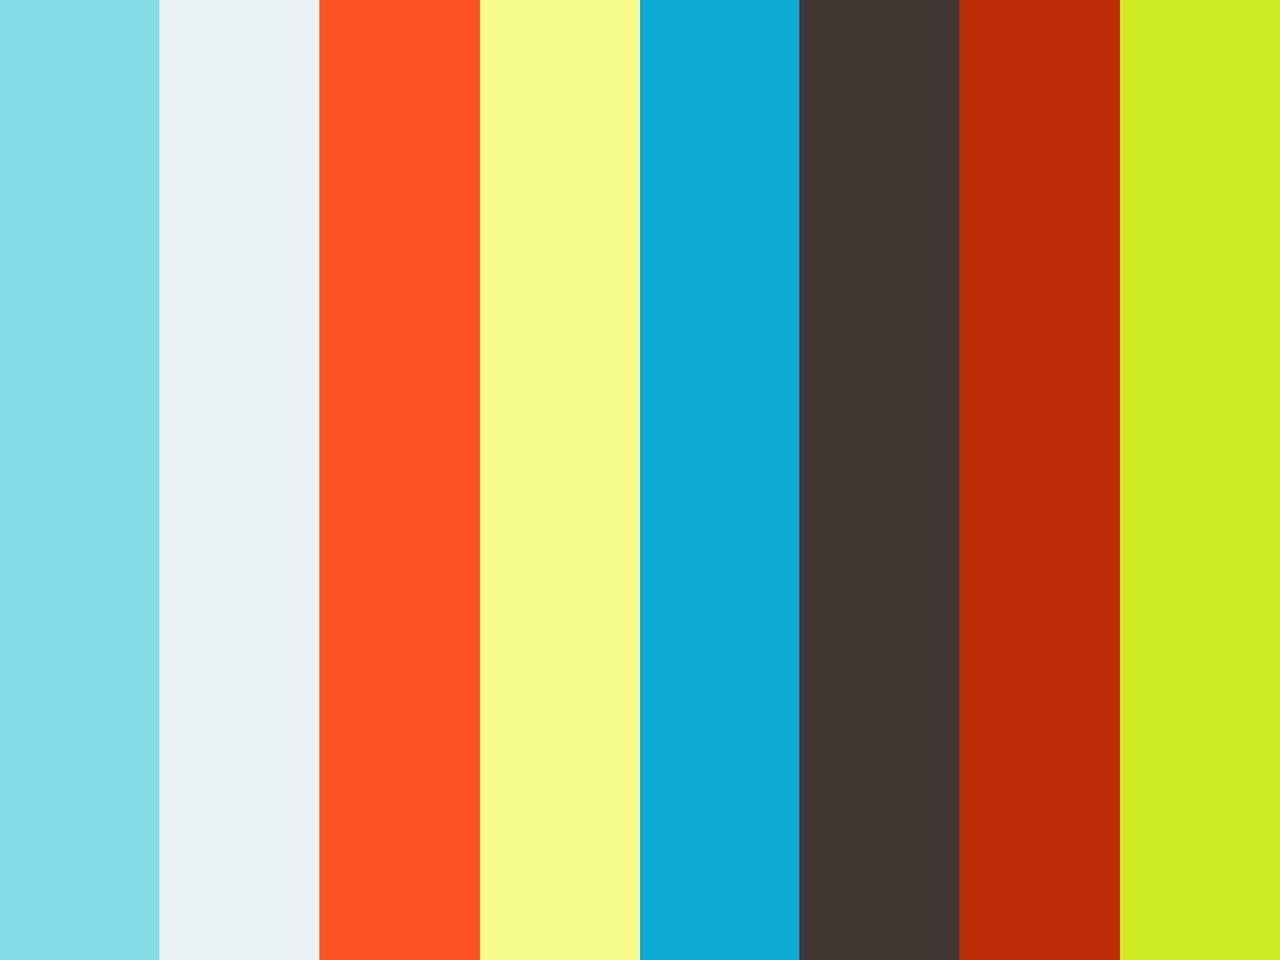 MOLOKAI COVID19 UPDATE - MARCH 30, 2020